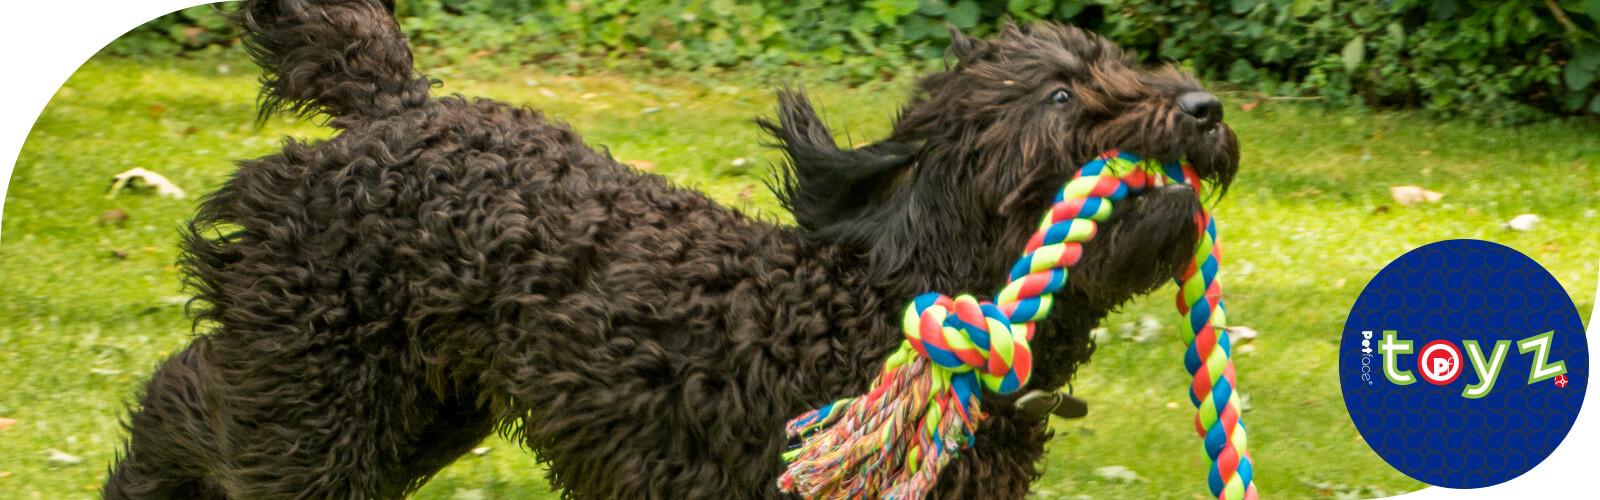 Toyz - Speelgoed voor honden